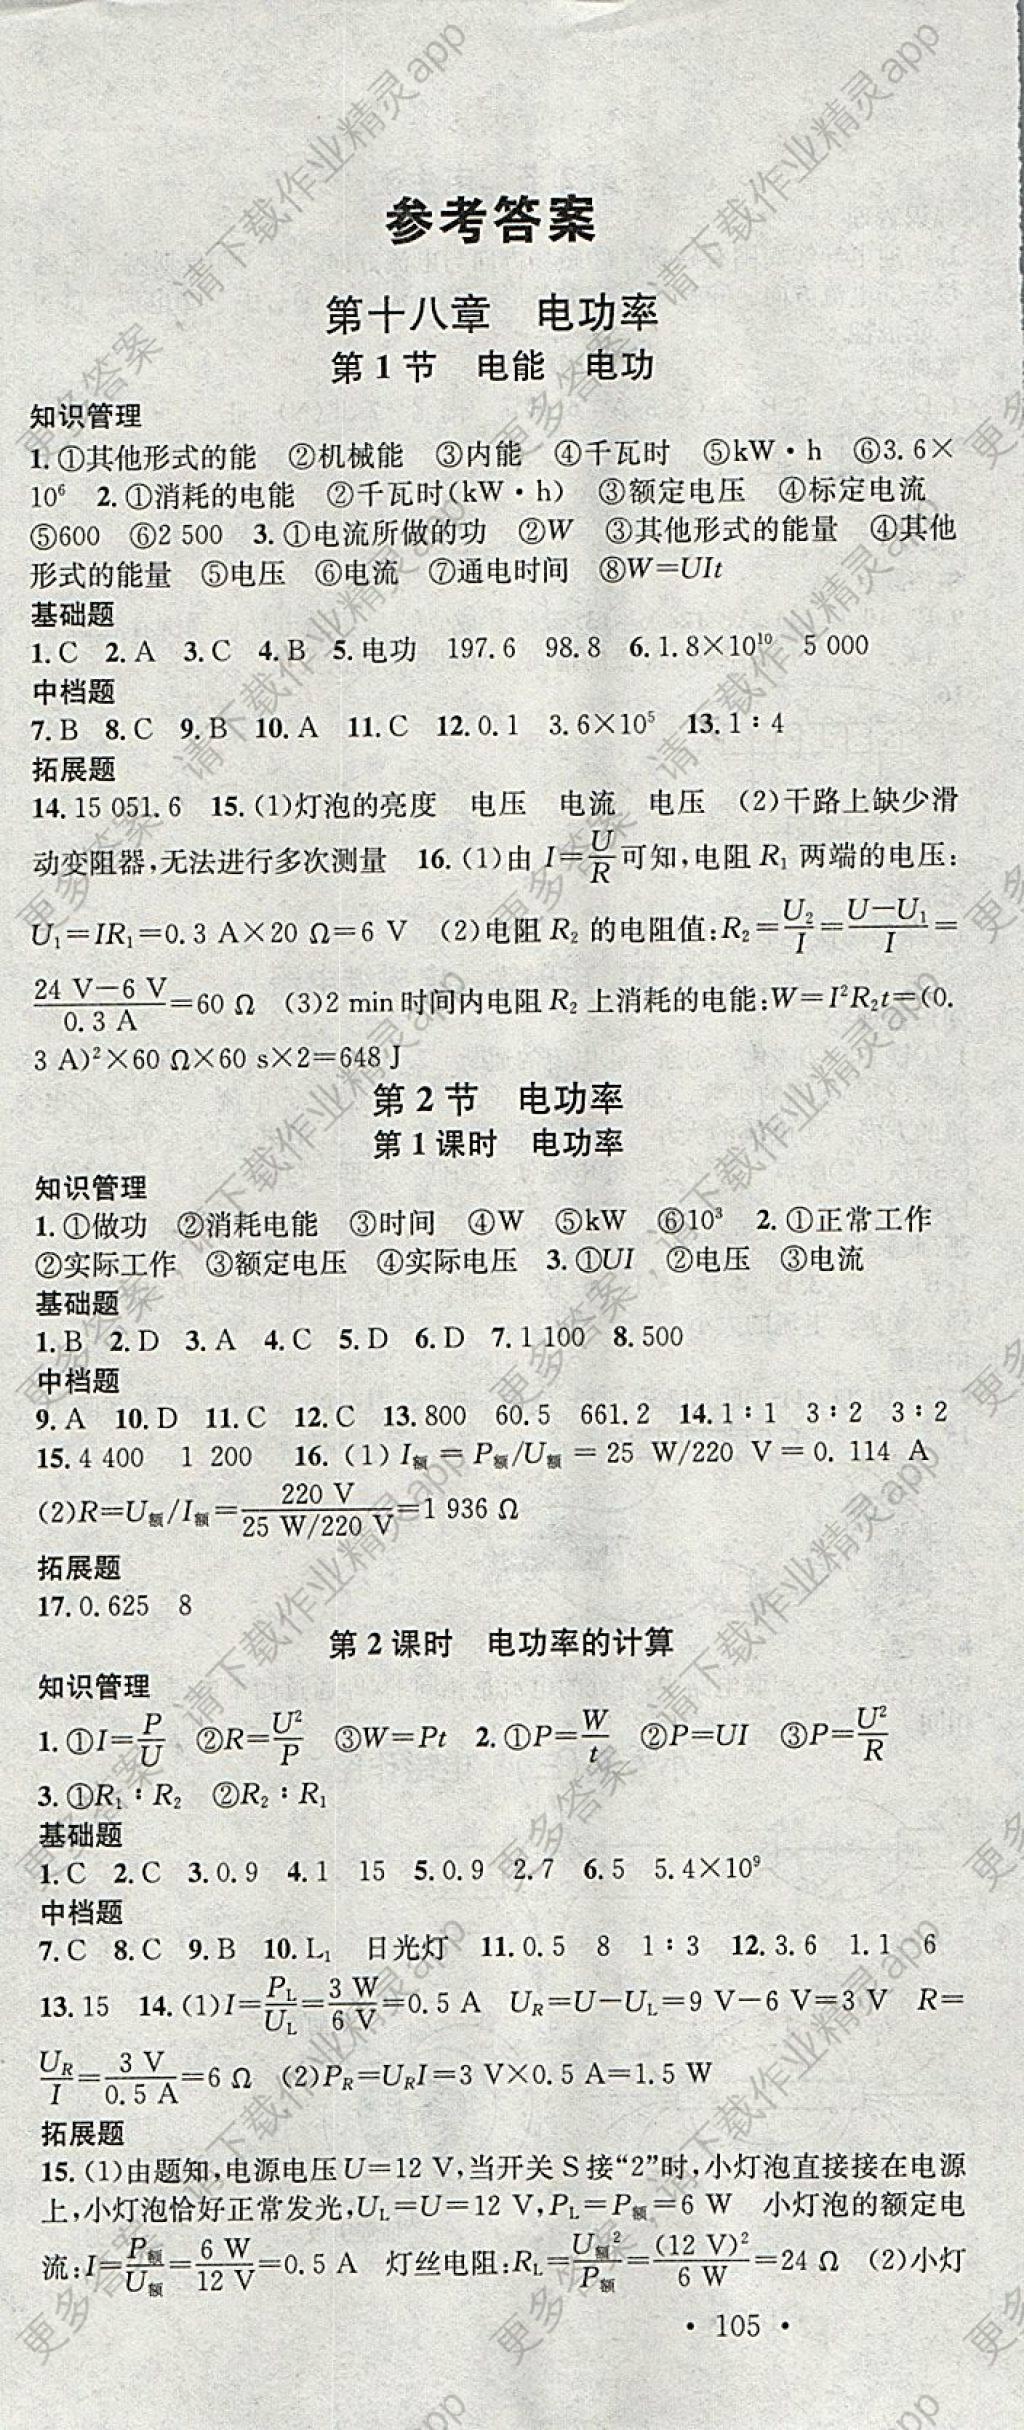 2018年名校课堂滚动学习法九年级物理下册人教版河北适用武汉大学出版社 参考答案第1页